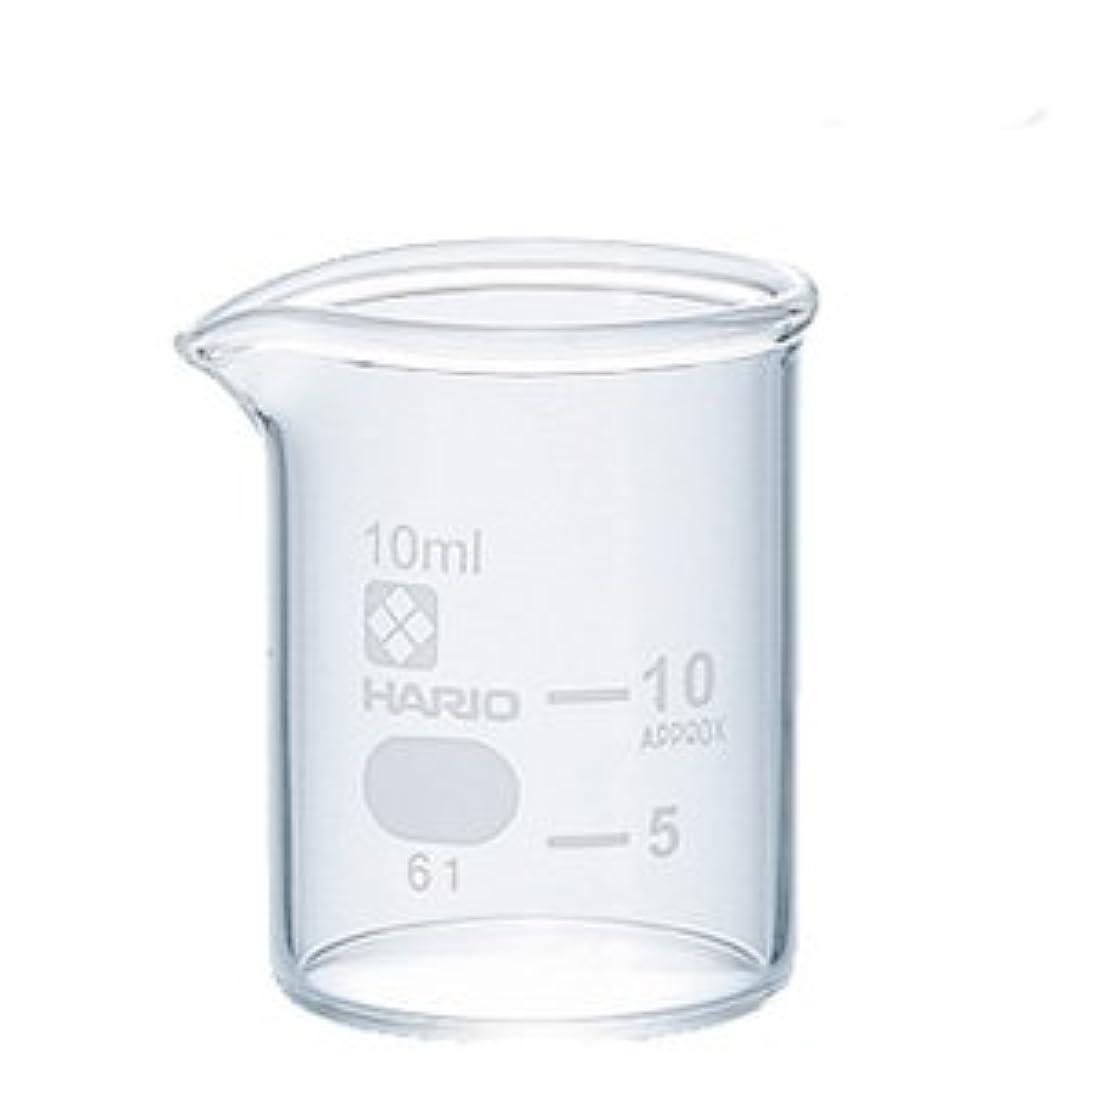 ペレット酸池ガラスビーカー 10ml 【手作り石鹸/手作りコスメ/手作り化粧品】